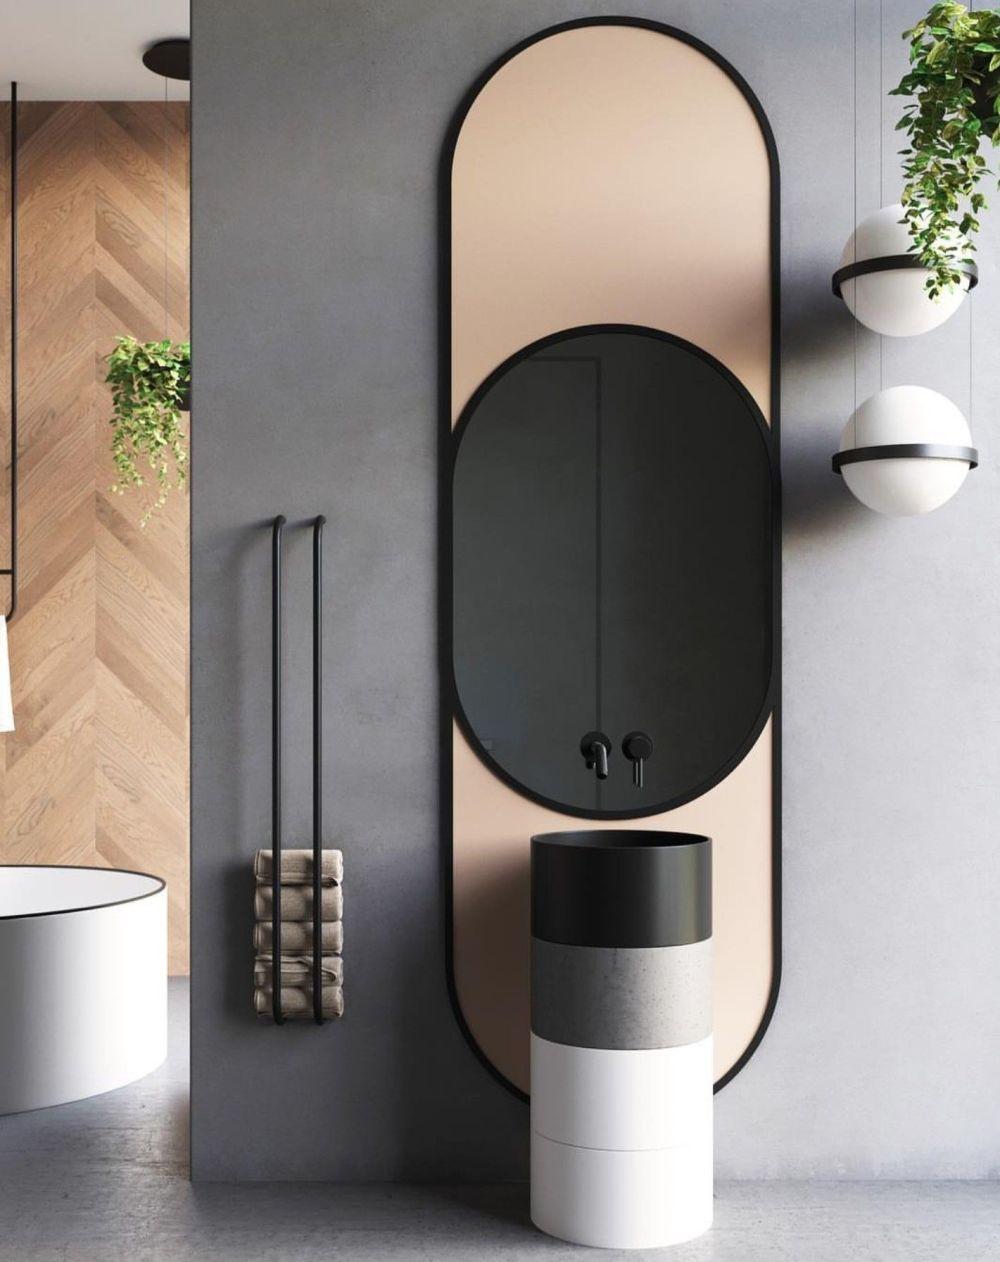 lozenge mirror